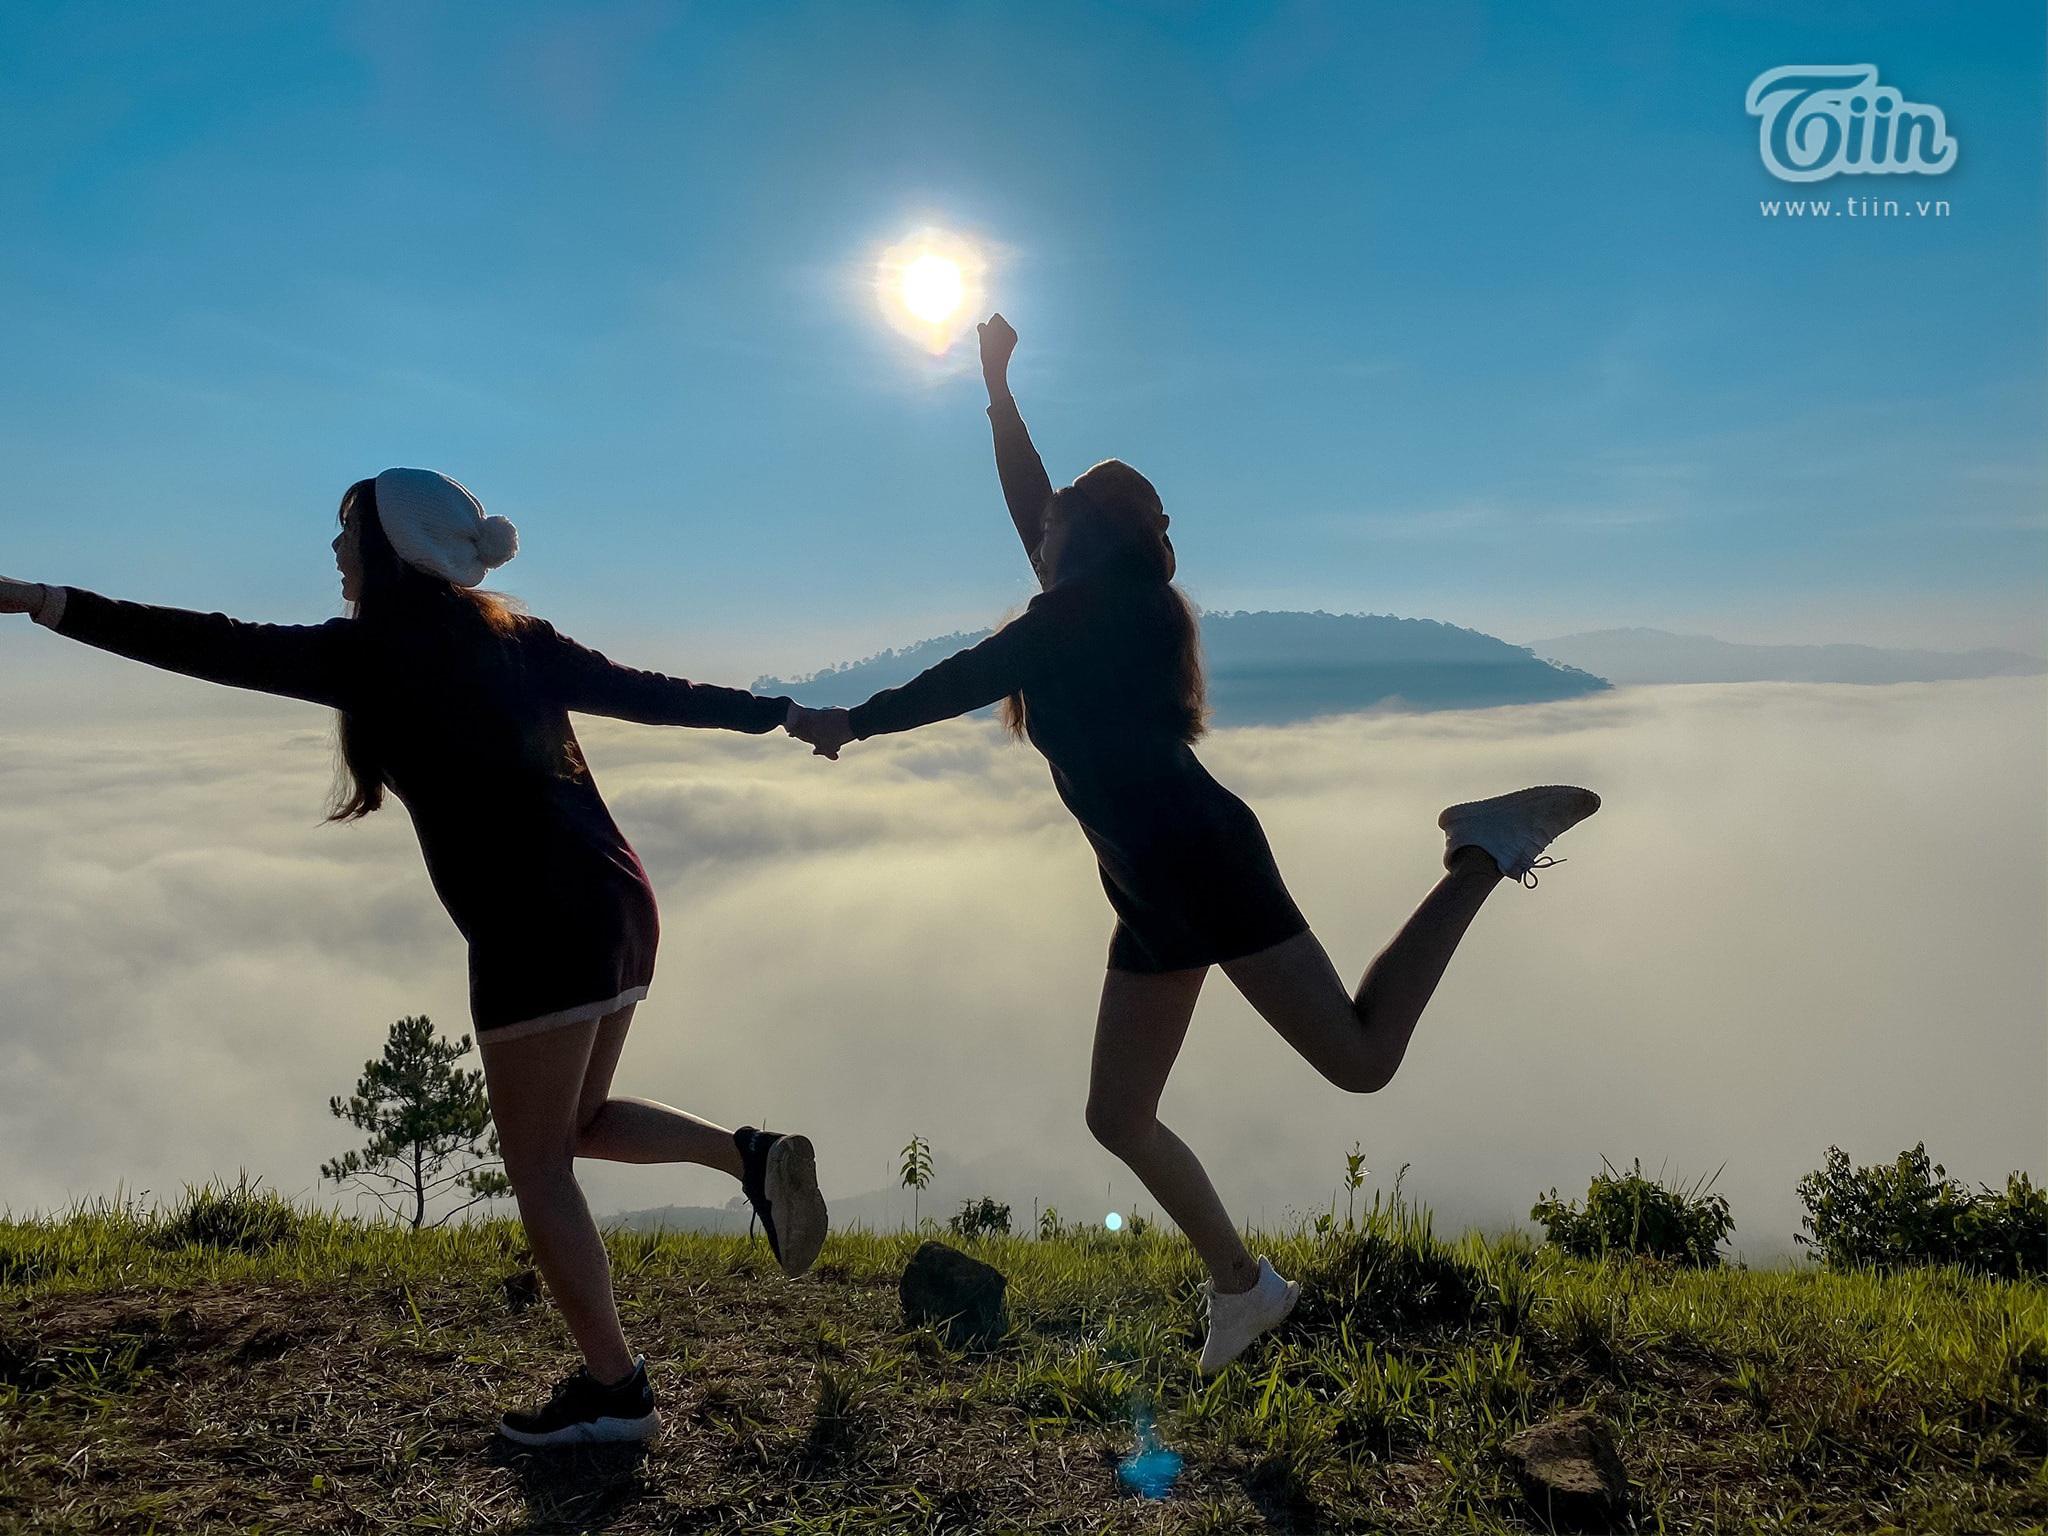 Dù bình minh hay hoàng hôn, cùng bên nhau và đi qua mọi thời điểm nhé bạn thân!